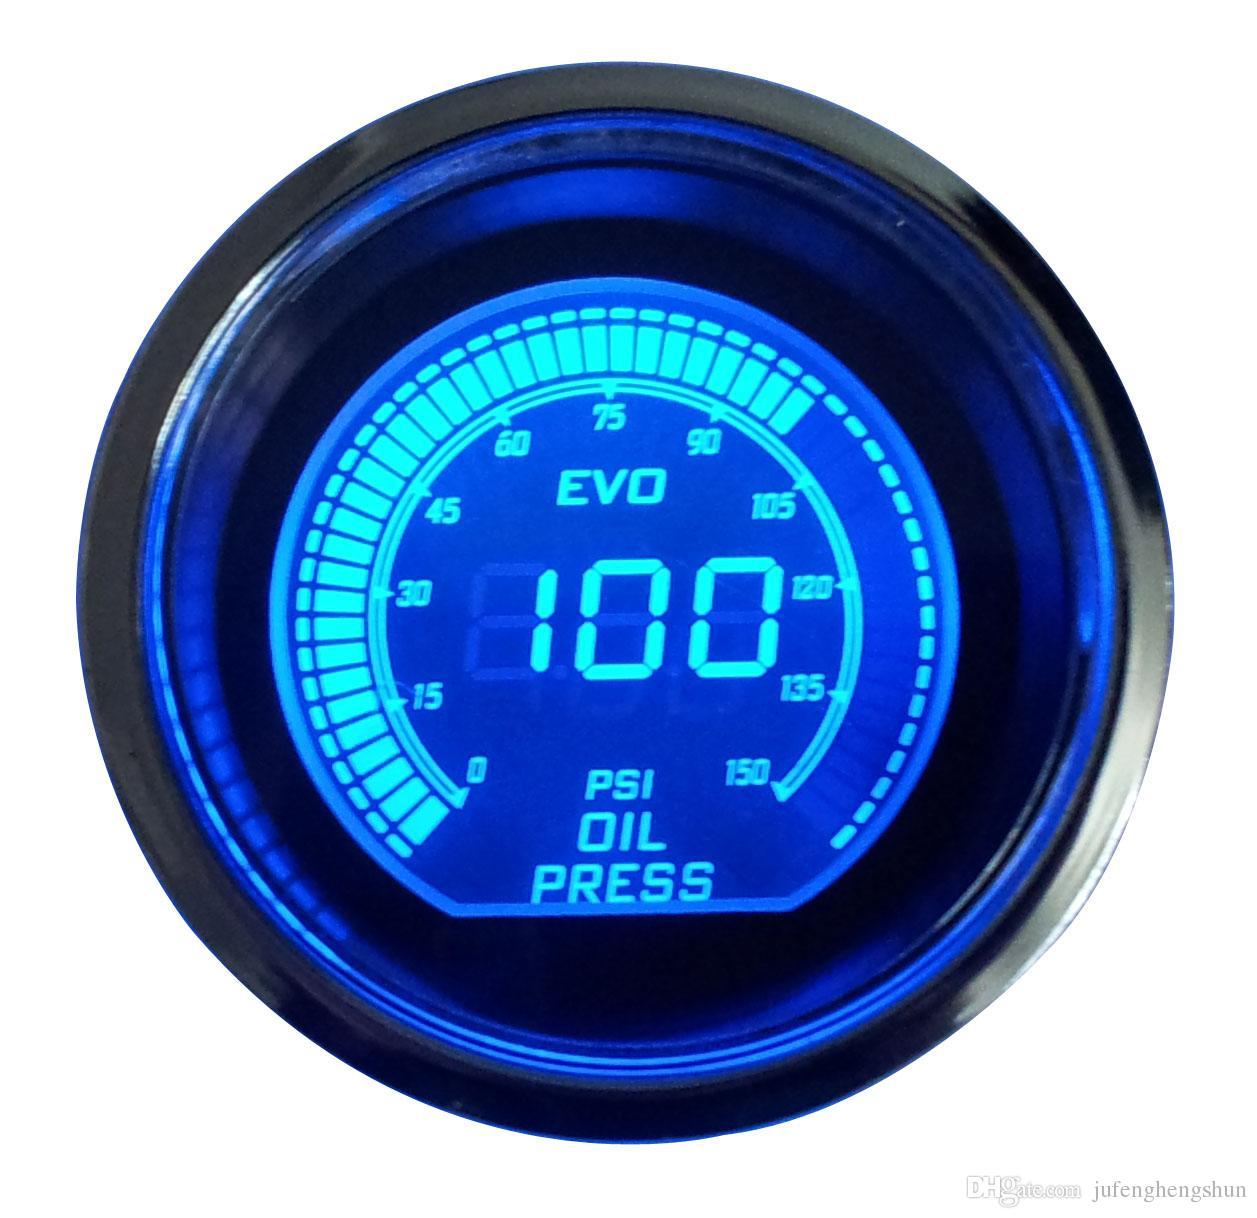 Sıcak 2 inç 52mm Yağ Basınç Göstergesi 12 V Mavi Kırmızı LED Işık Tonu Lens LCD Ekran Araba Dijital Metre Siyah Evrensel